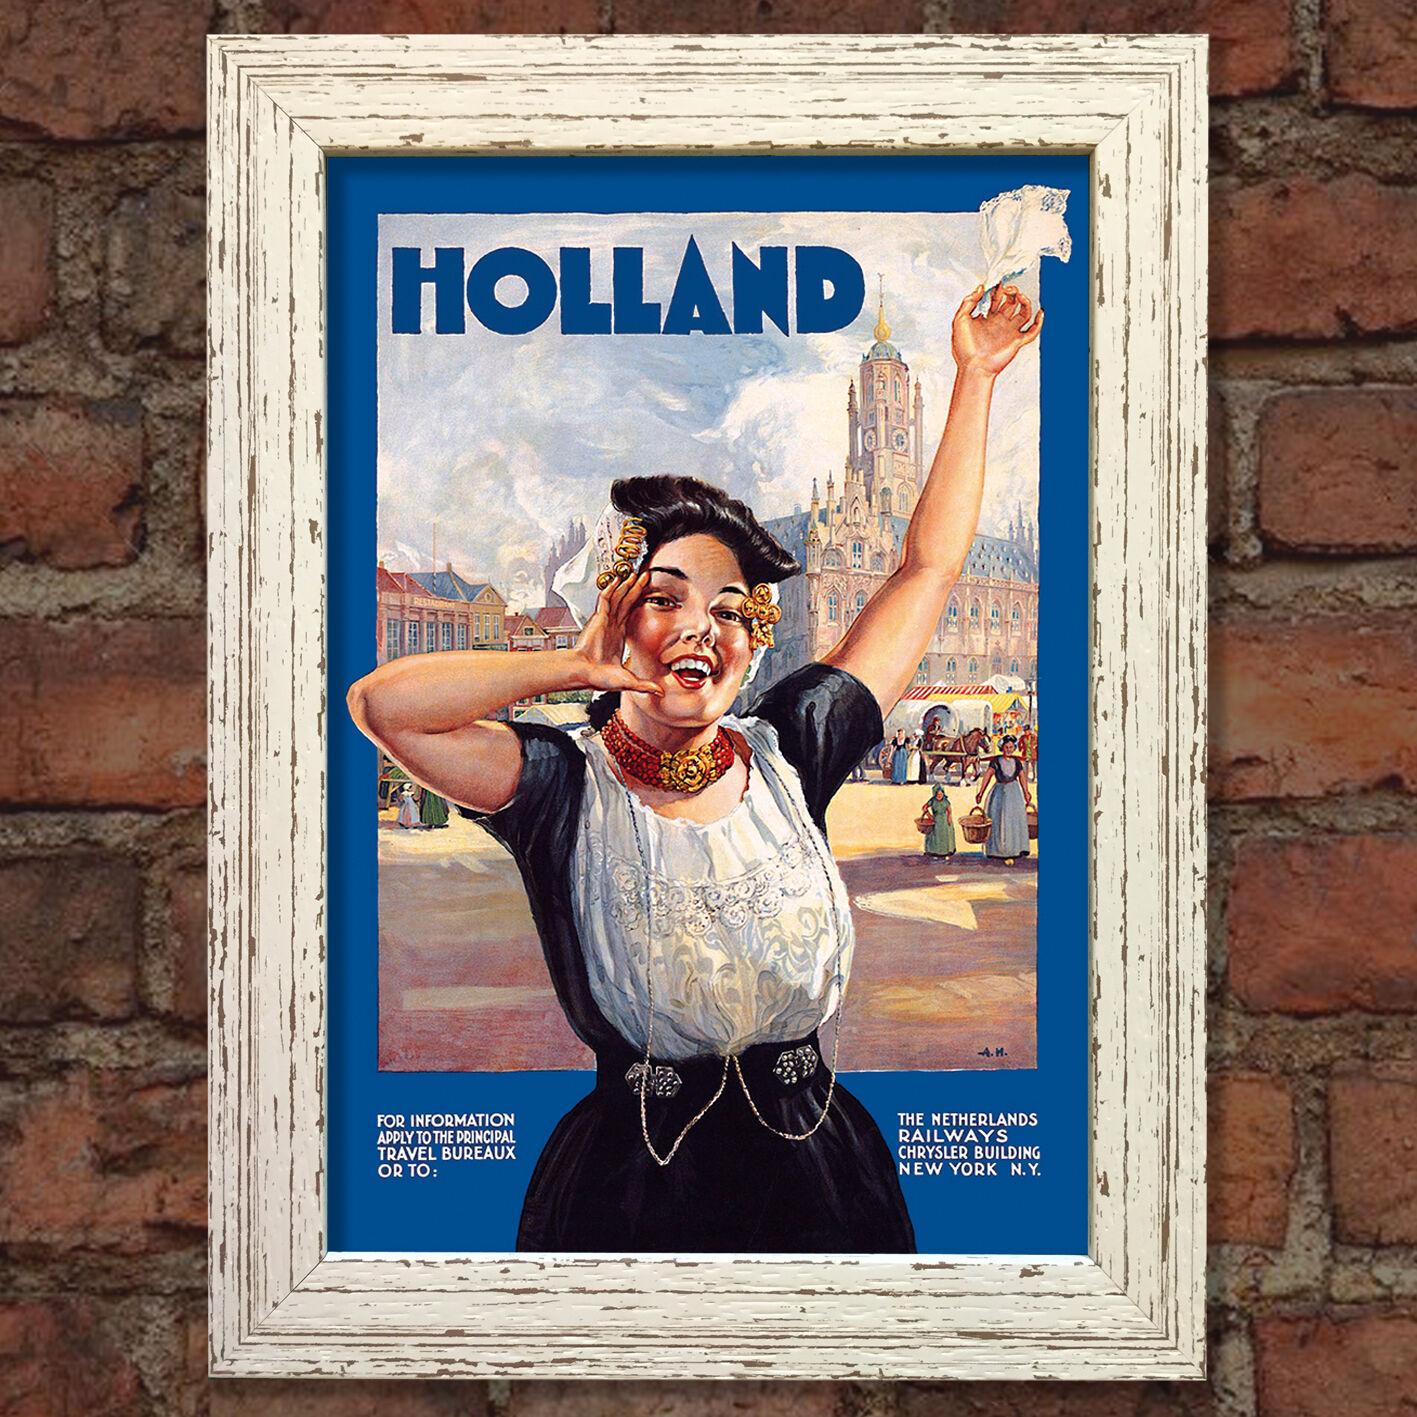 HOLLAND Vintage con Poster da Viaggio Viaggio Viaggio Nostalgico Casa Art Print Wall Decor  35 9bf948